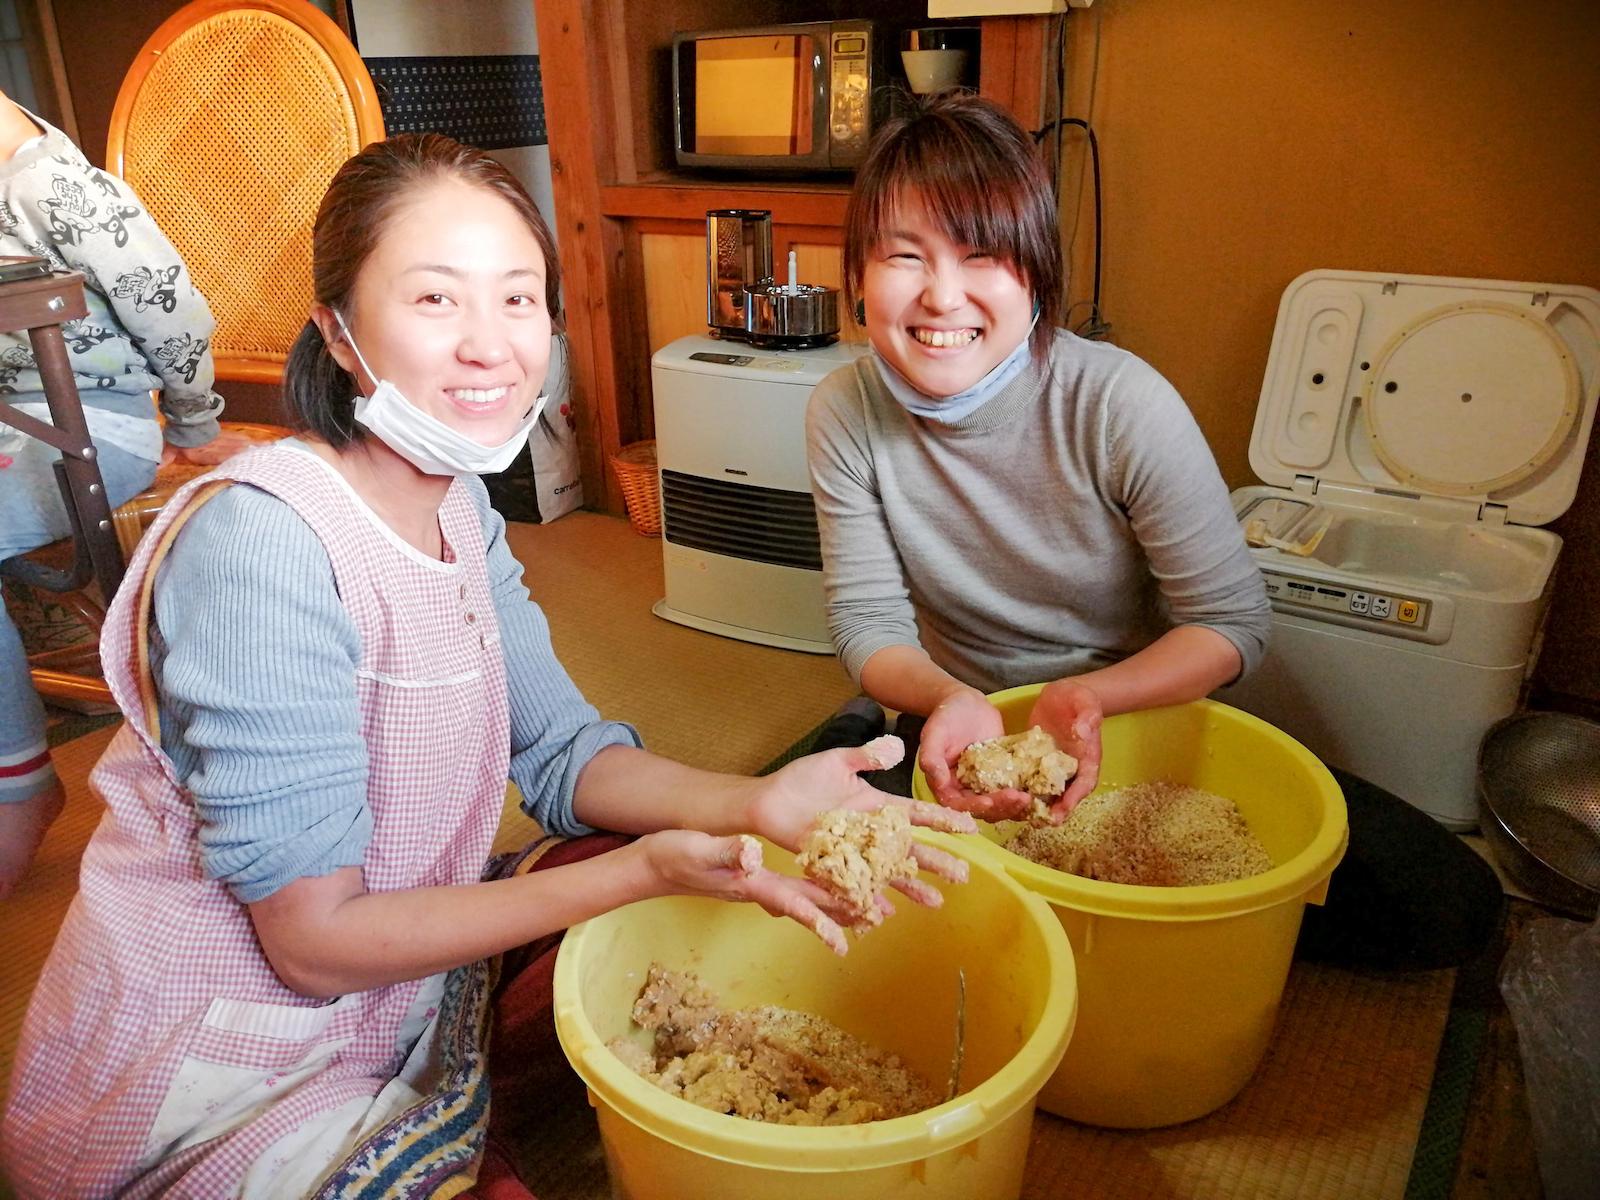 【味噌作り】つるかめ米から作った米麹と自家製大豆で、1年分の味噌作り。